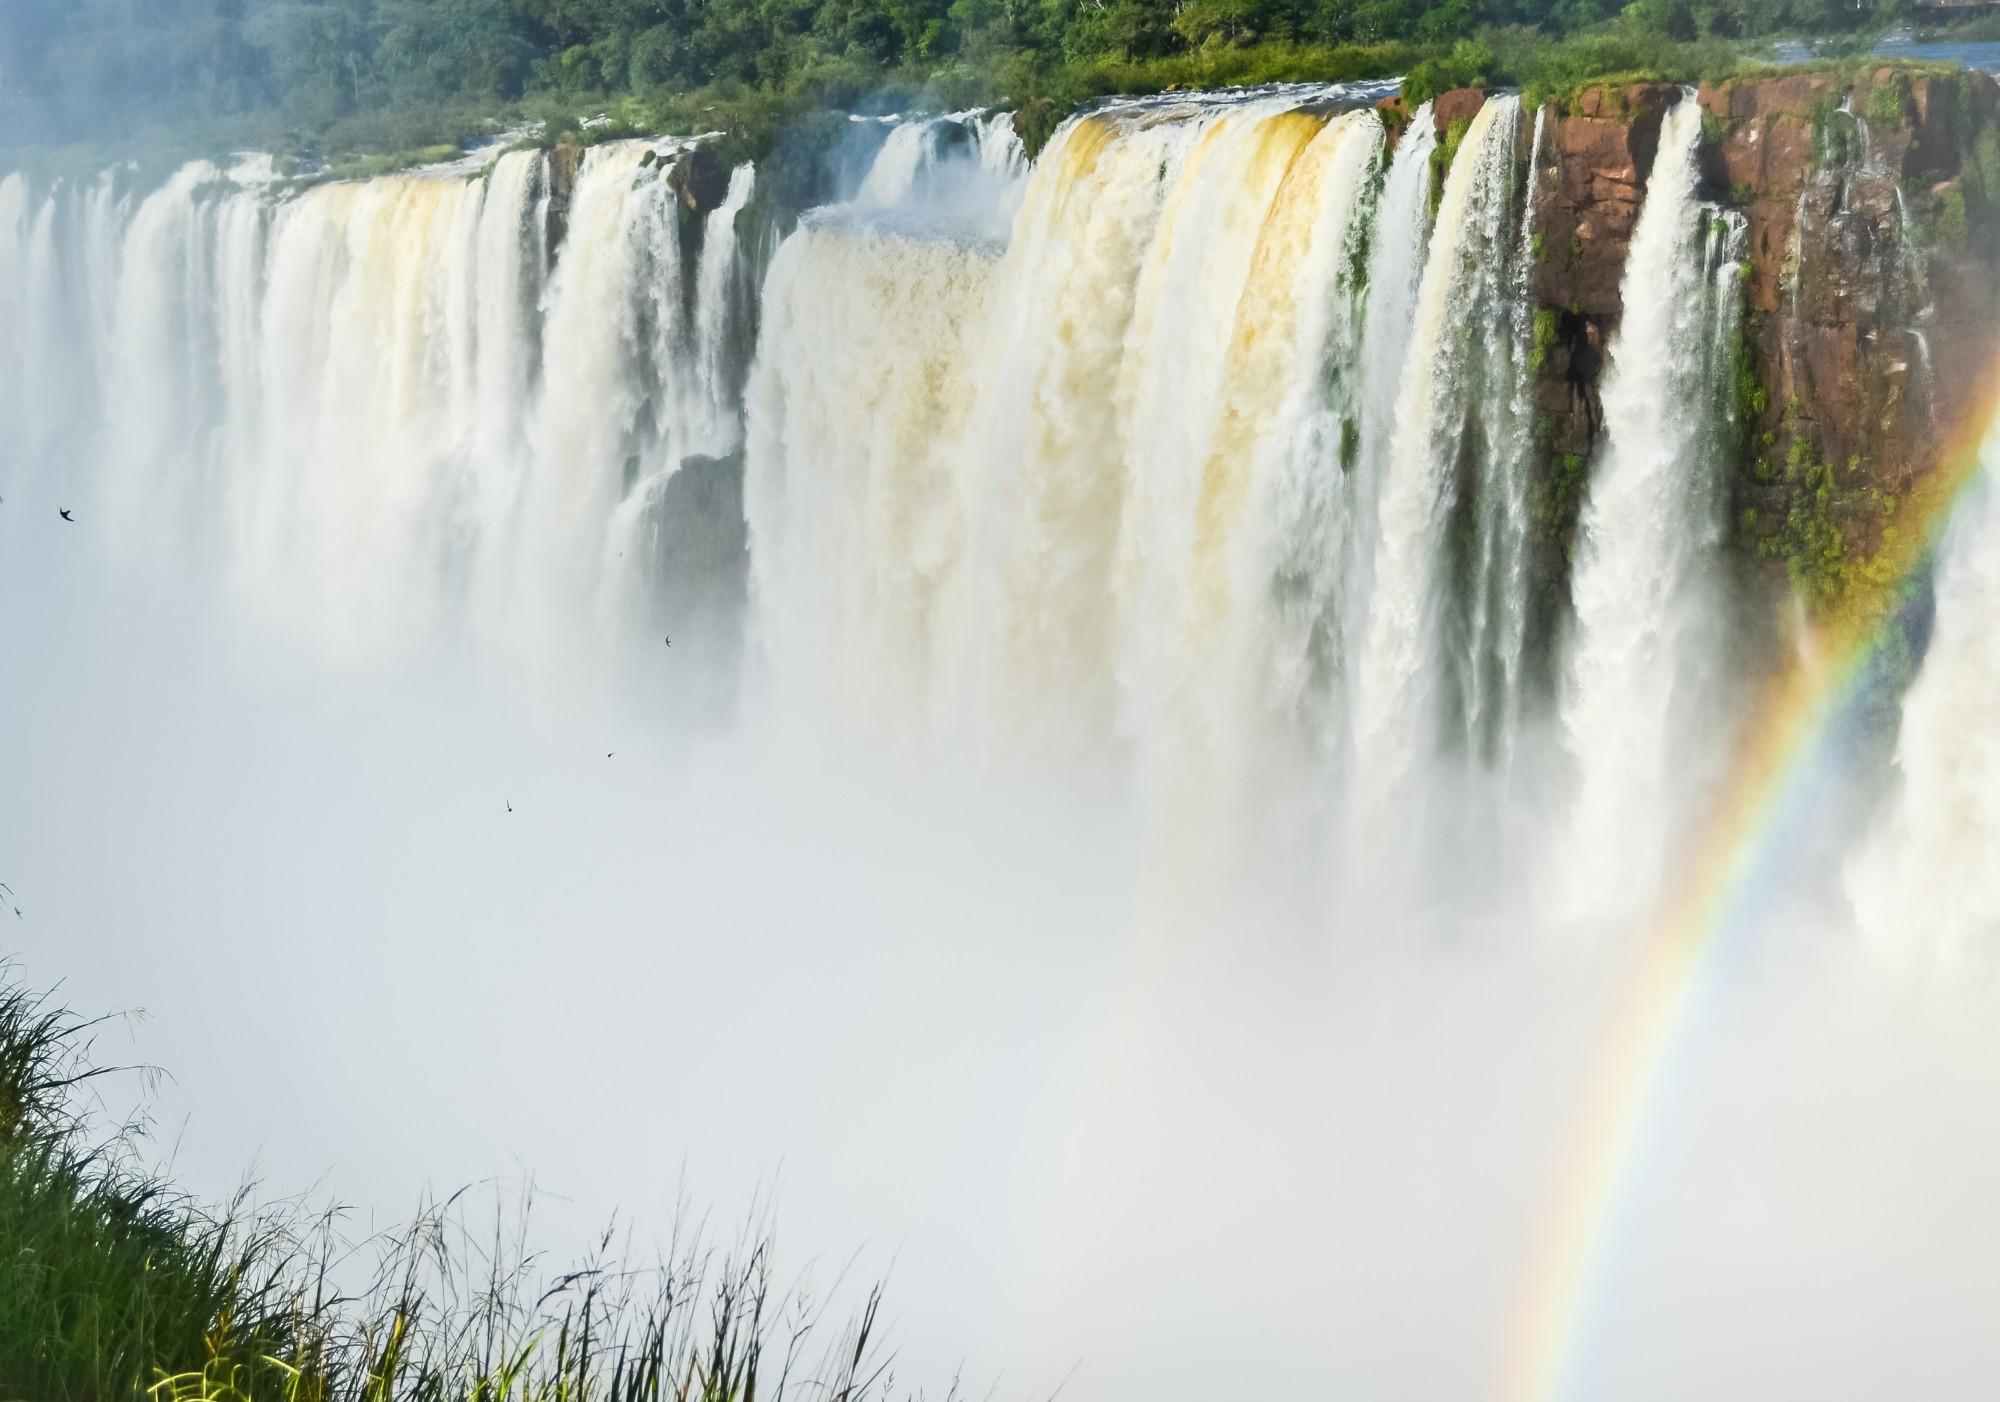 Широкий каскад Глотки дьявола в национальном парке Игуасу в Аргентине.